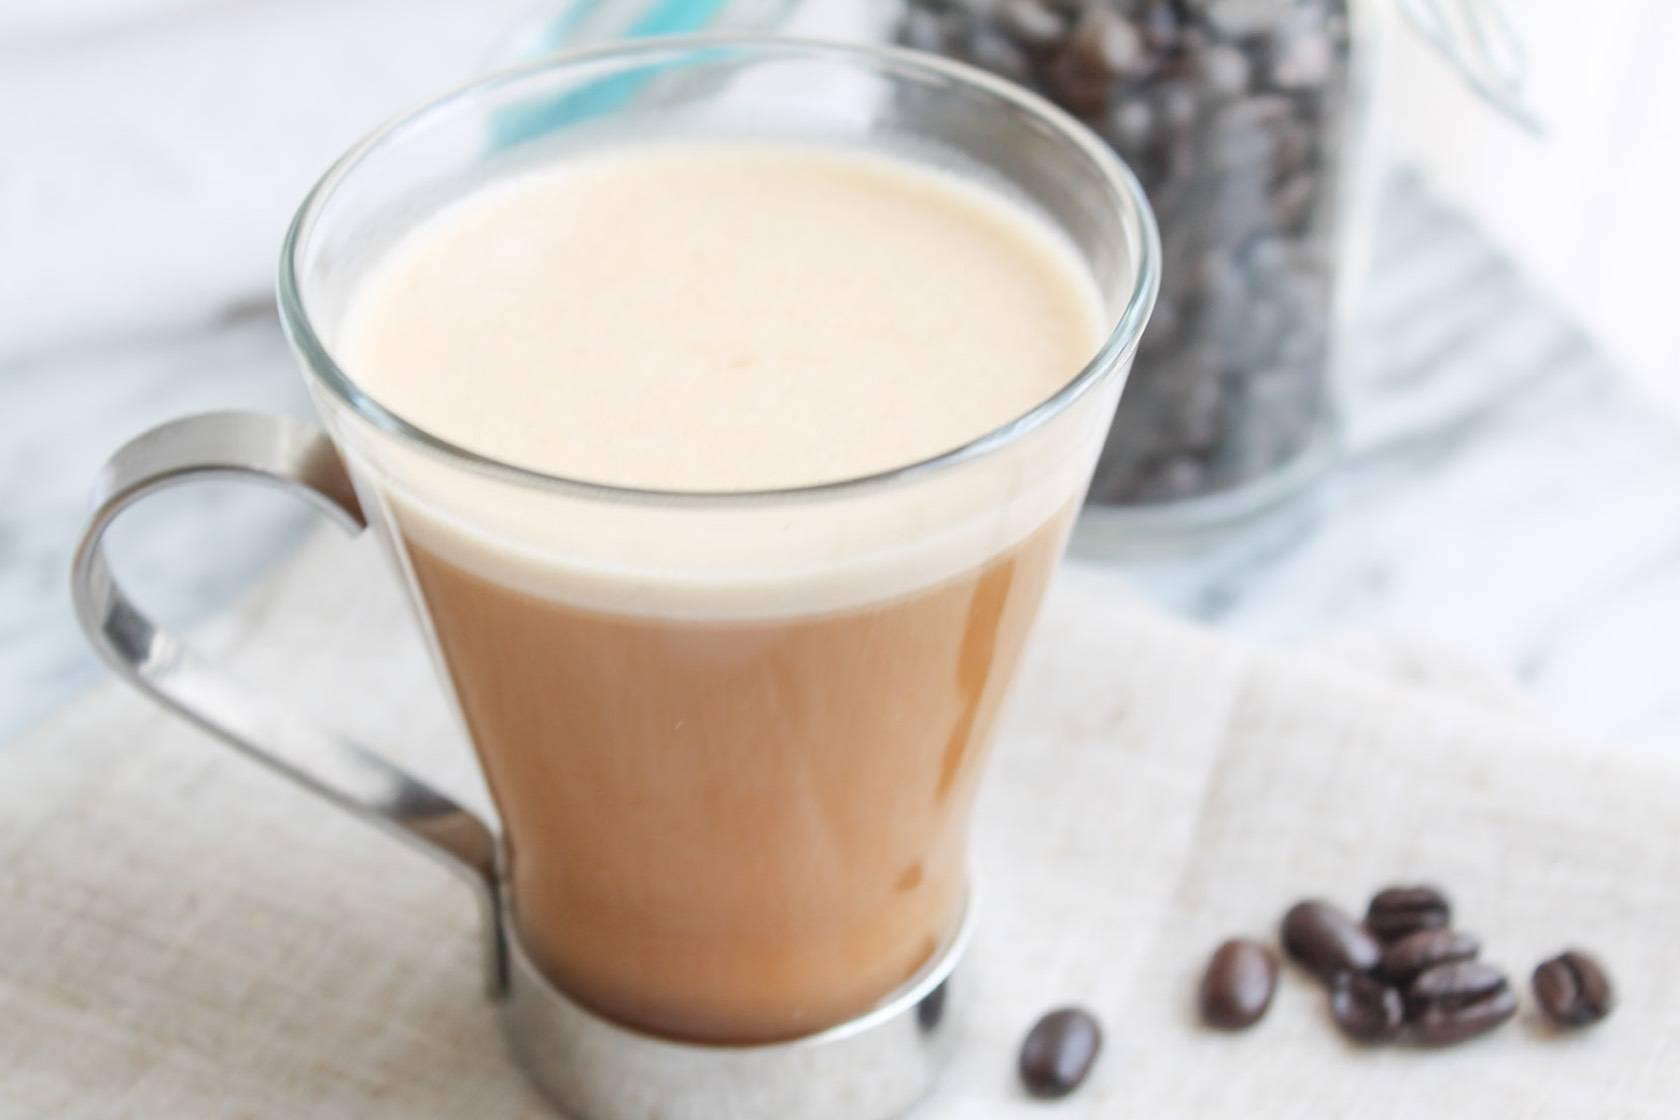 Ирландский кофе (irish coffee): состав, классический рецепт, история создания коктейля